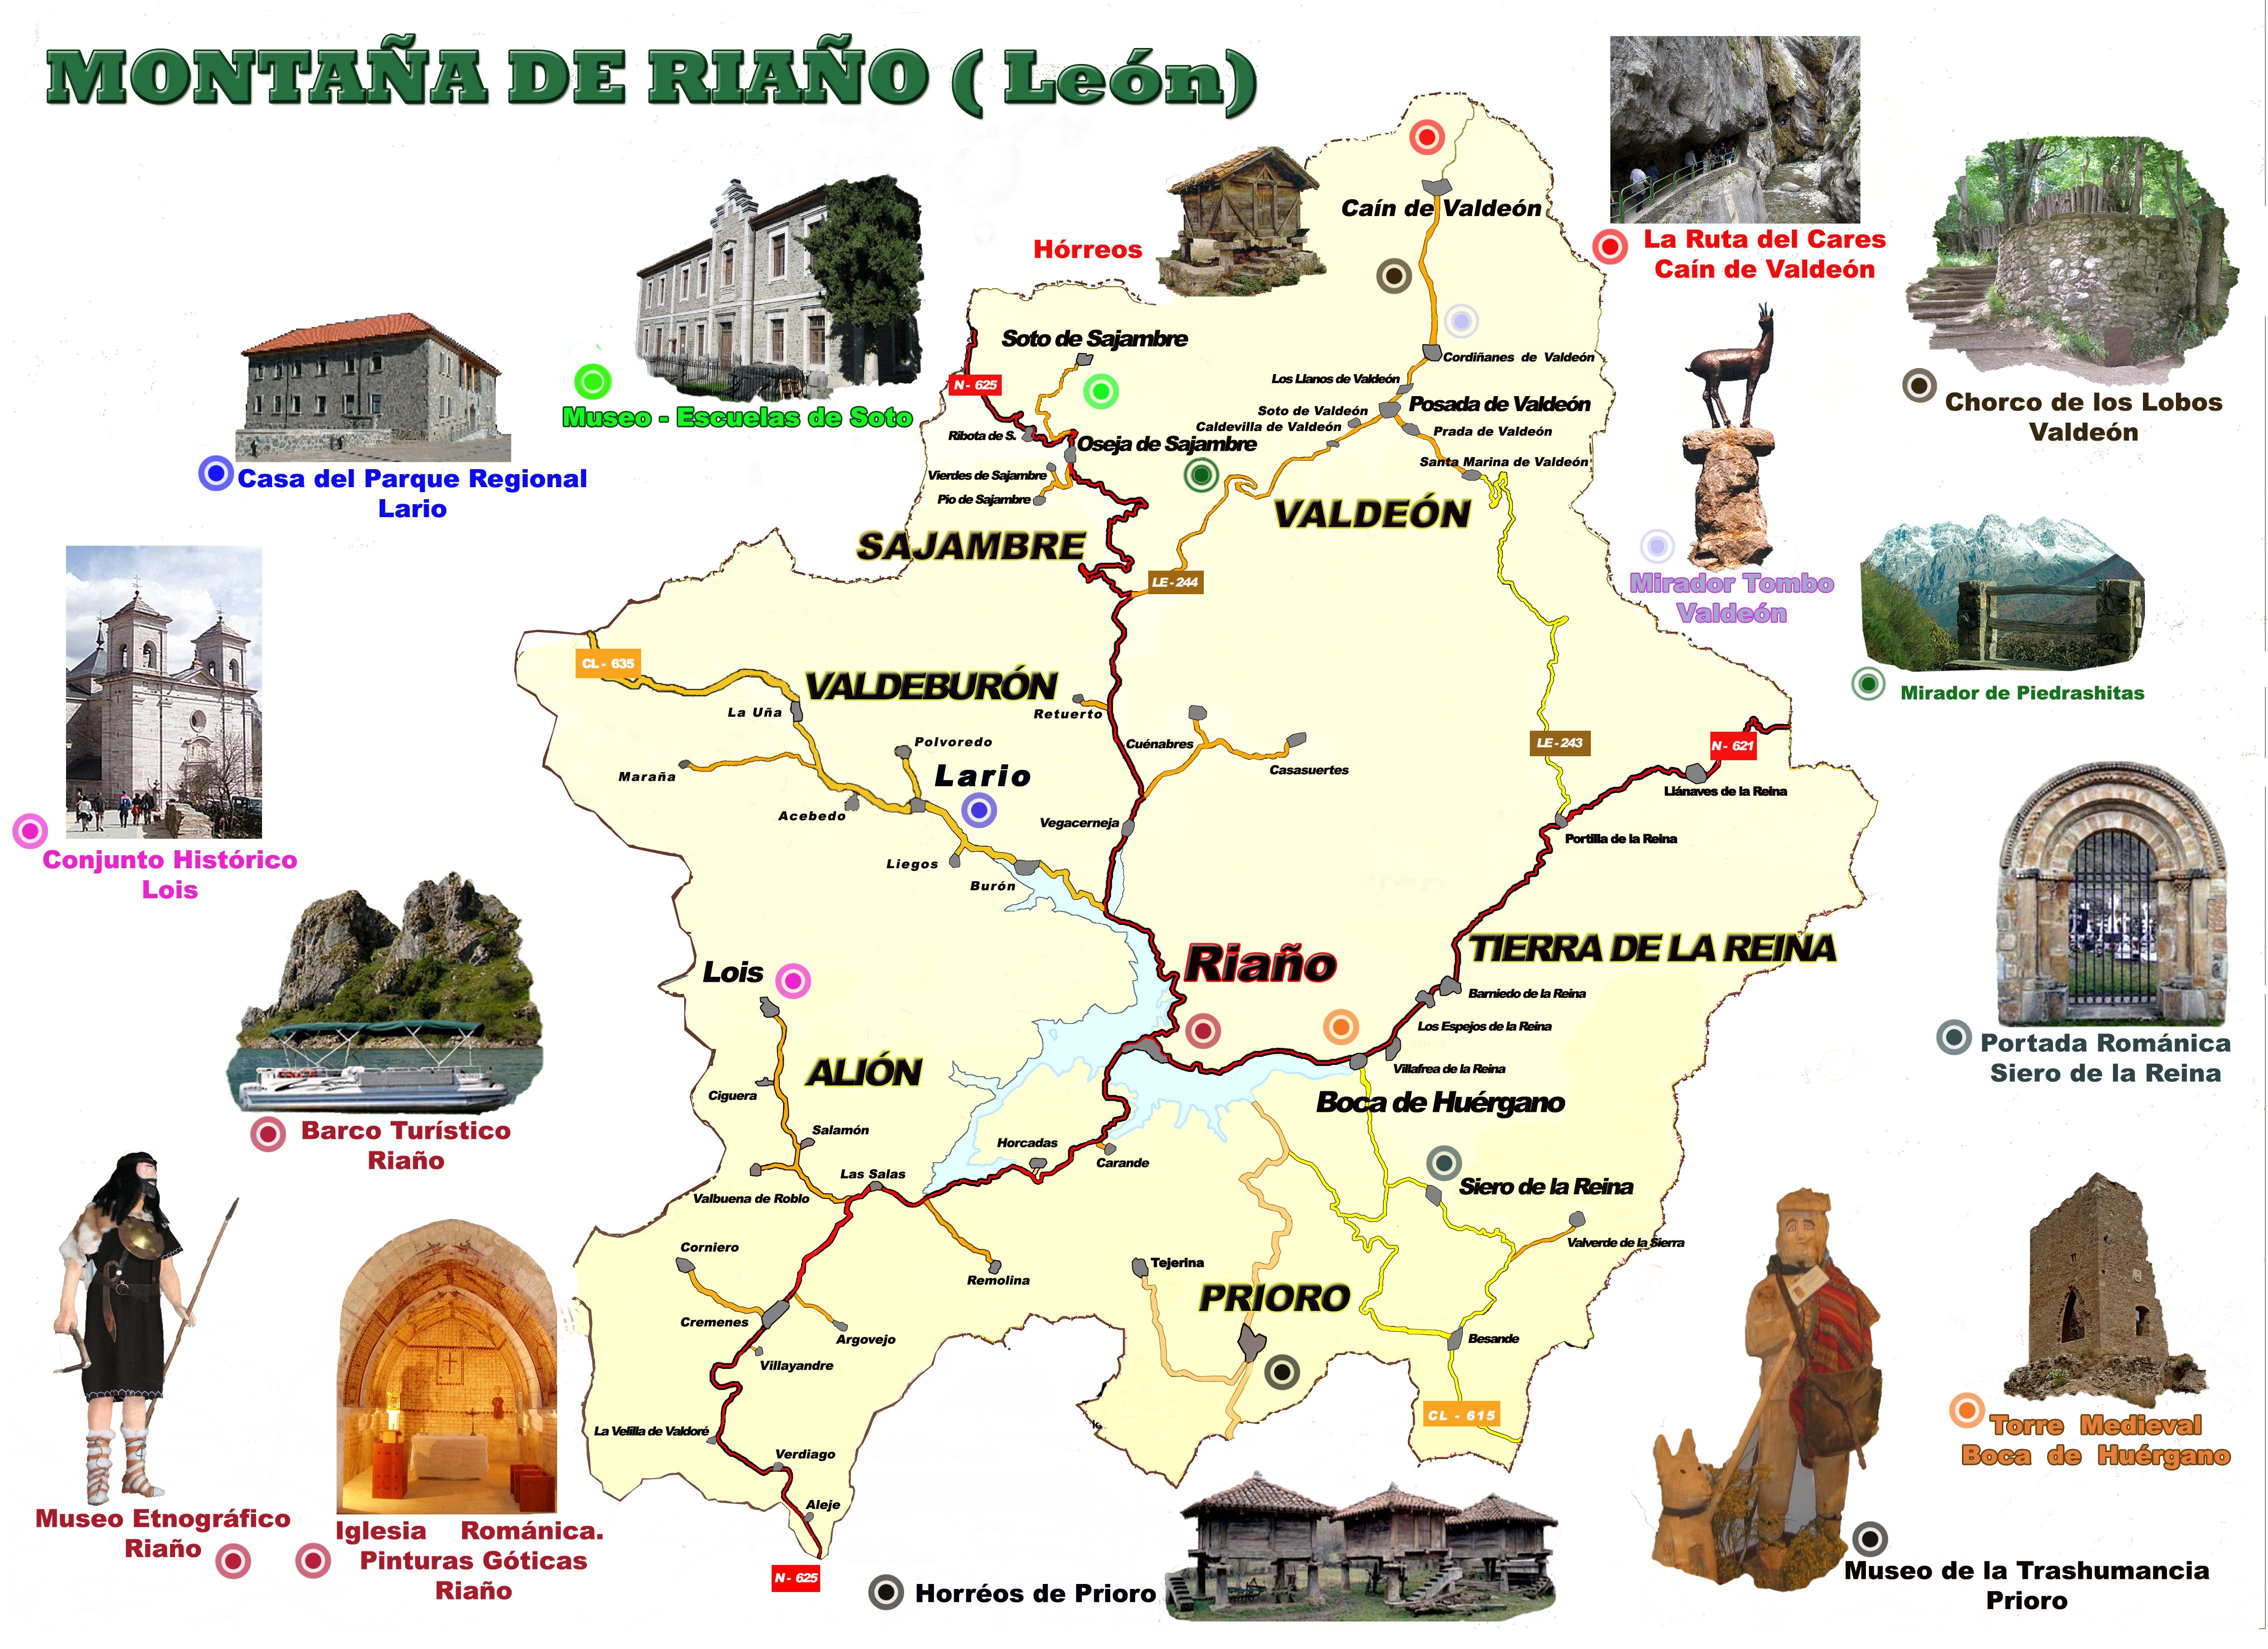 File Mapa Turistico De La Montana De Riano Jpg Wikimedia Commons